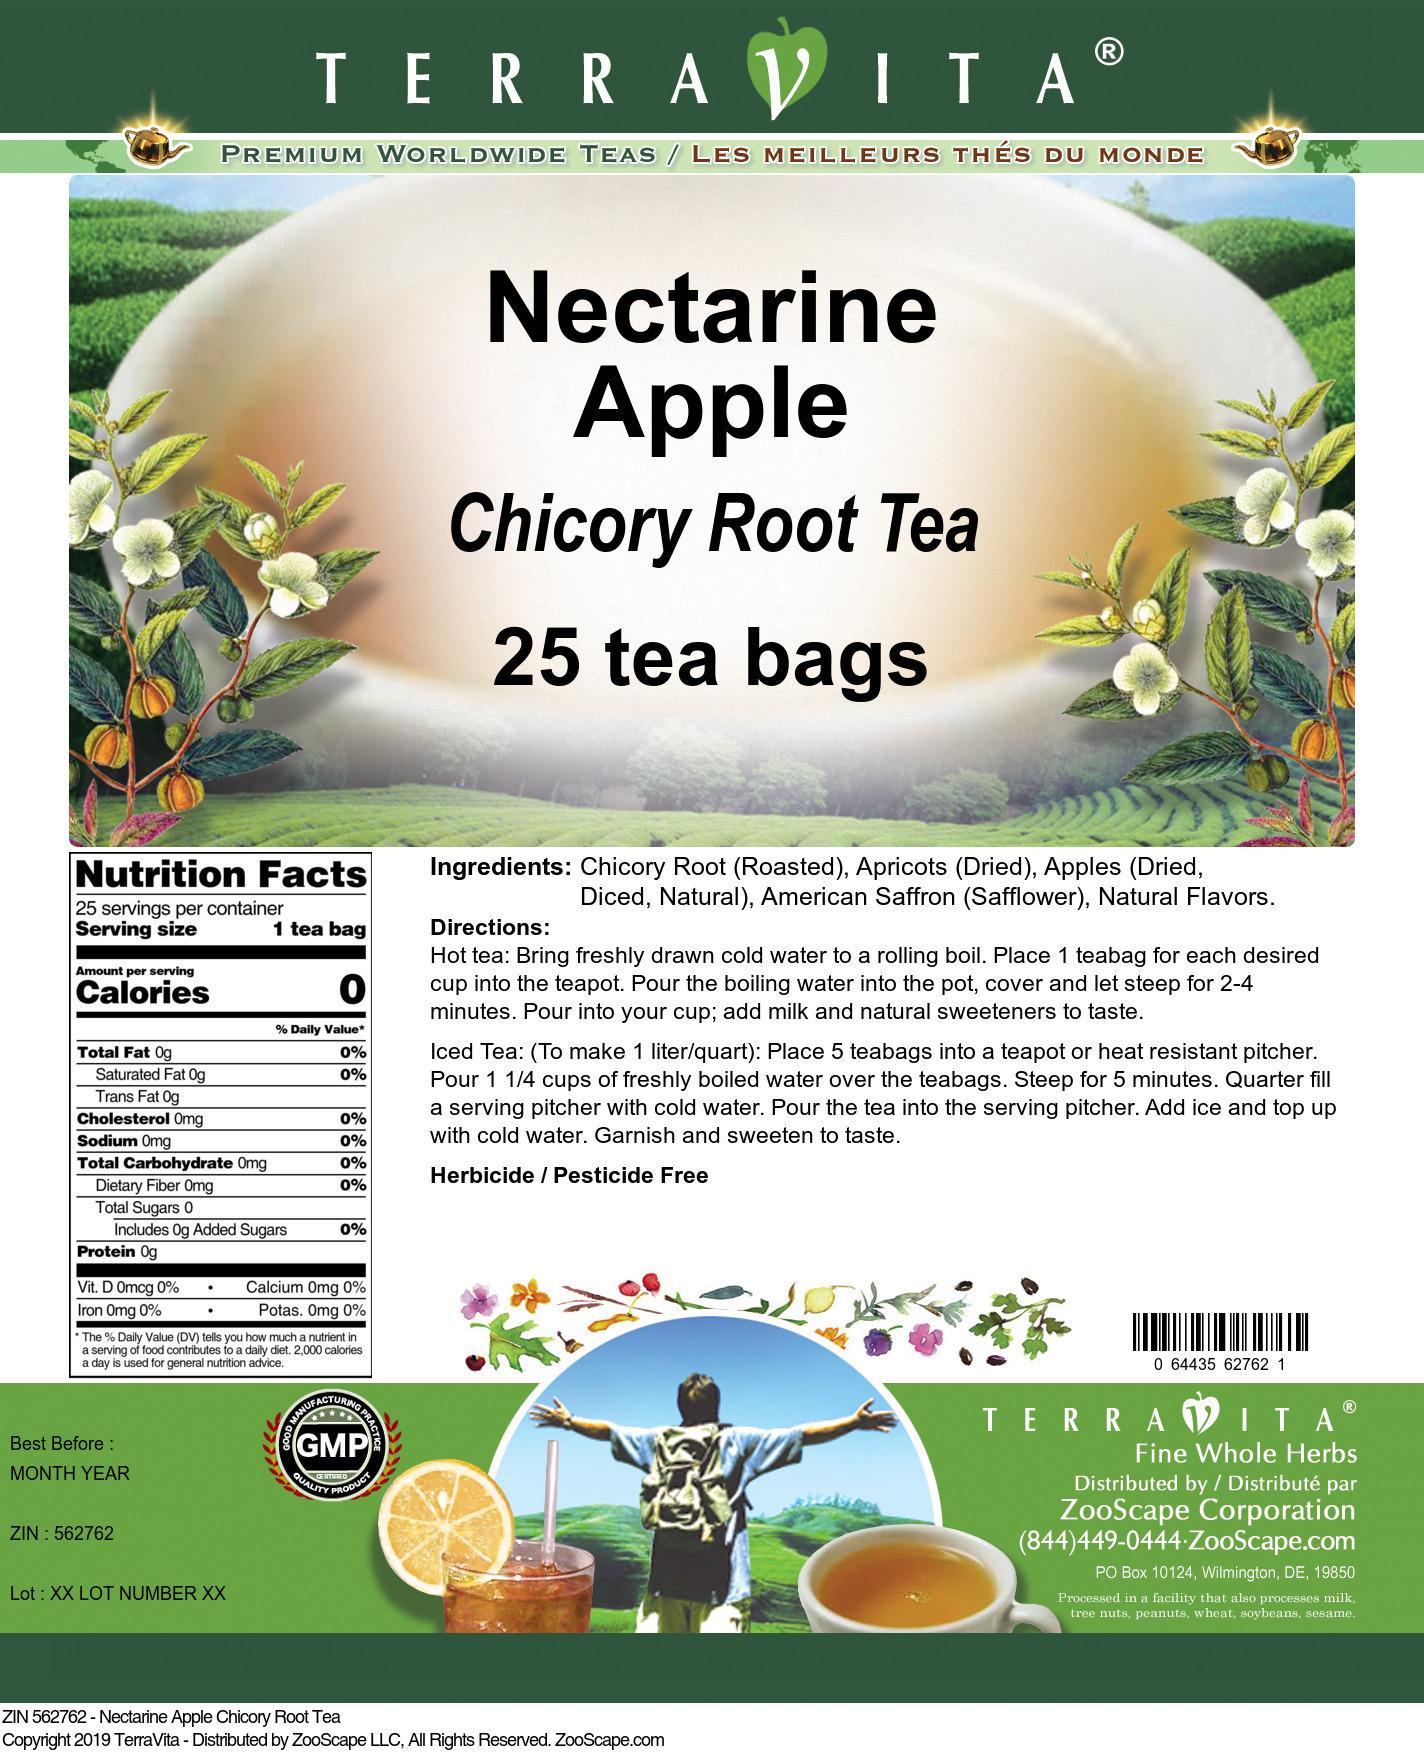 Nectarine Apple Chicory Root Tea